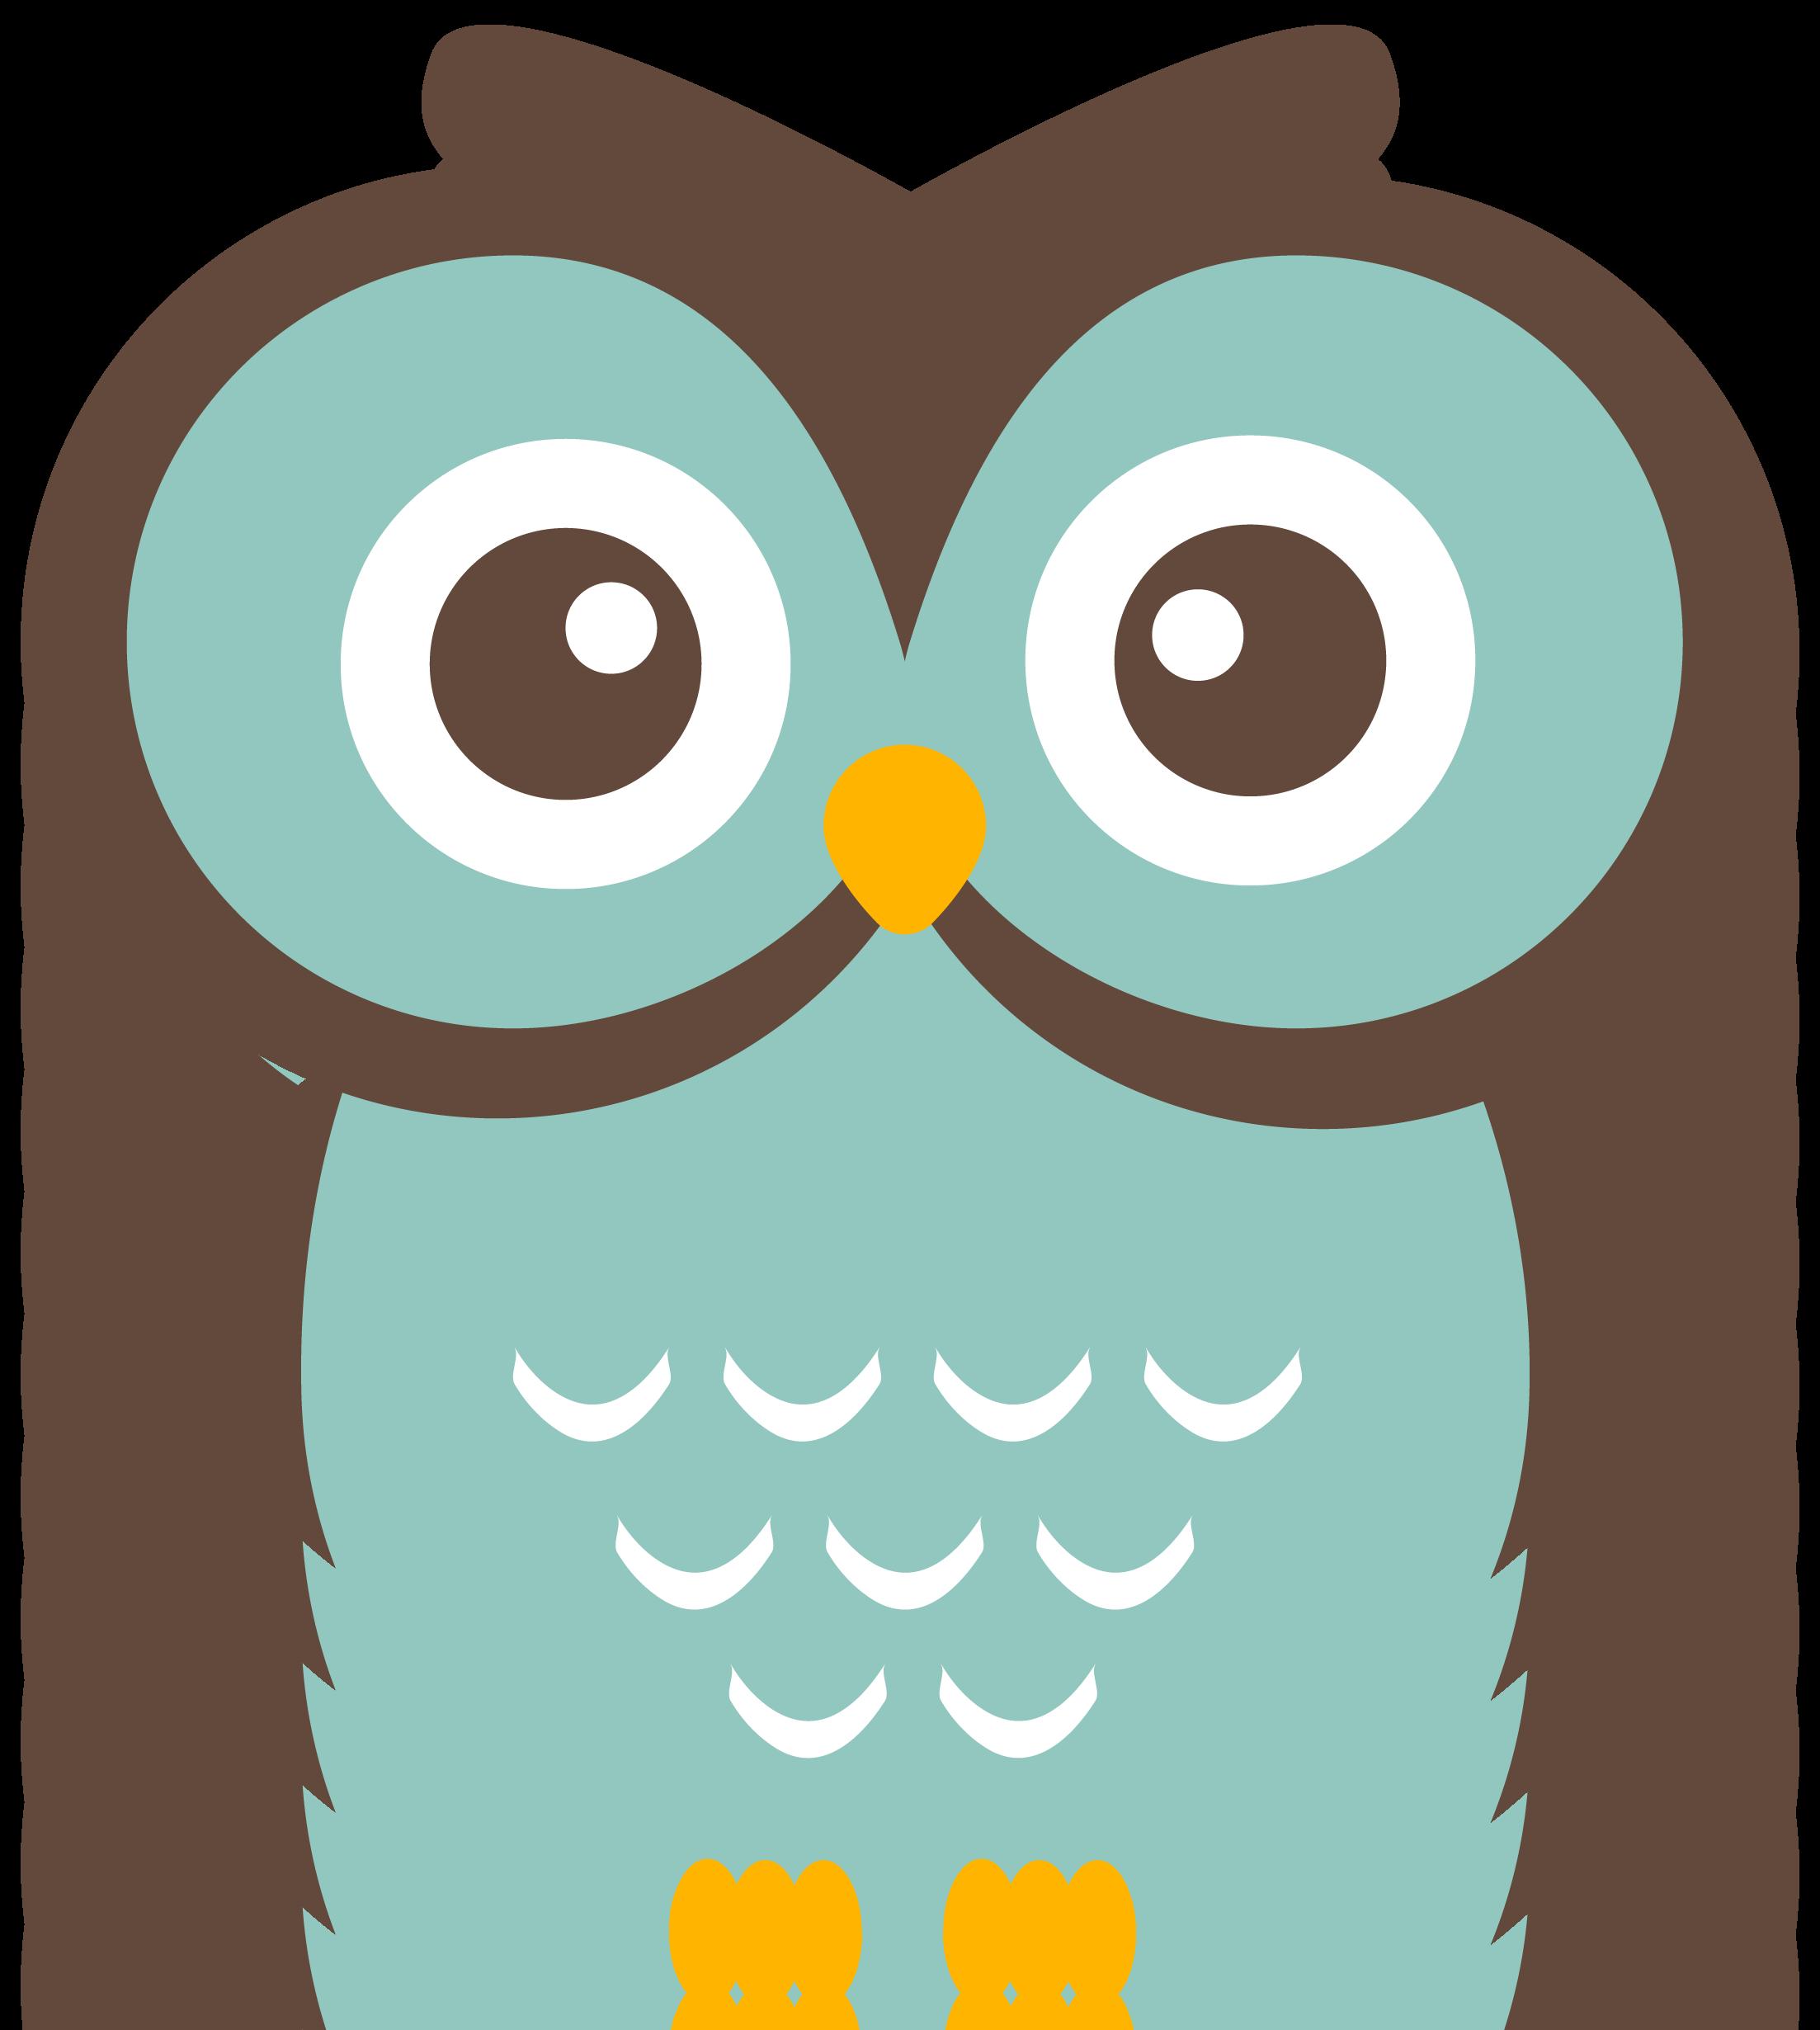 Owls on owl clip art owl and cartoon owls 2 clipartcow.